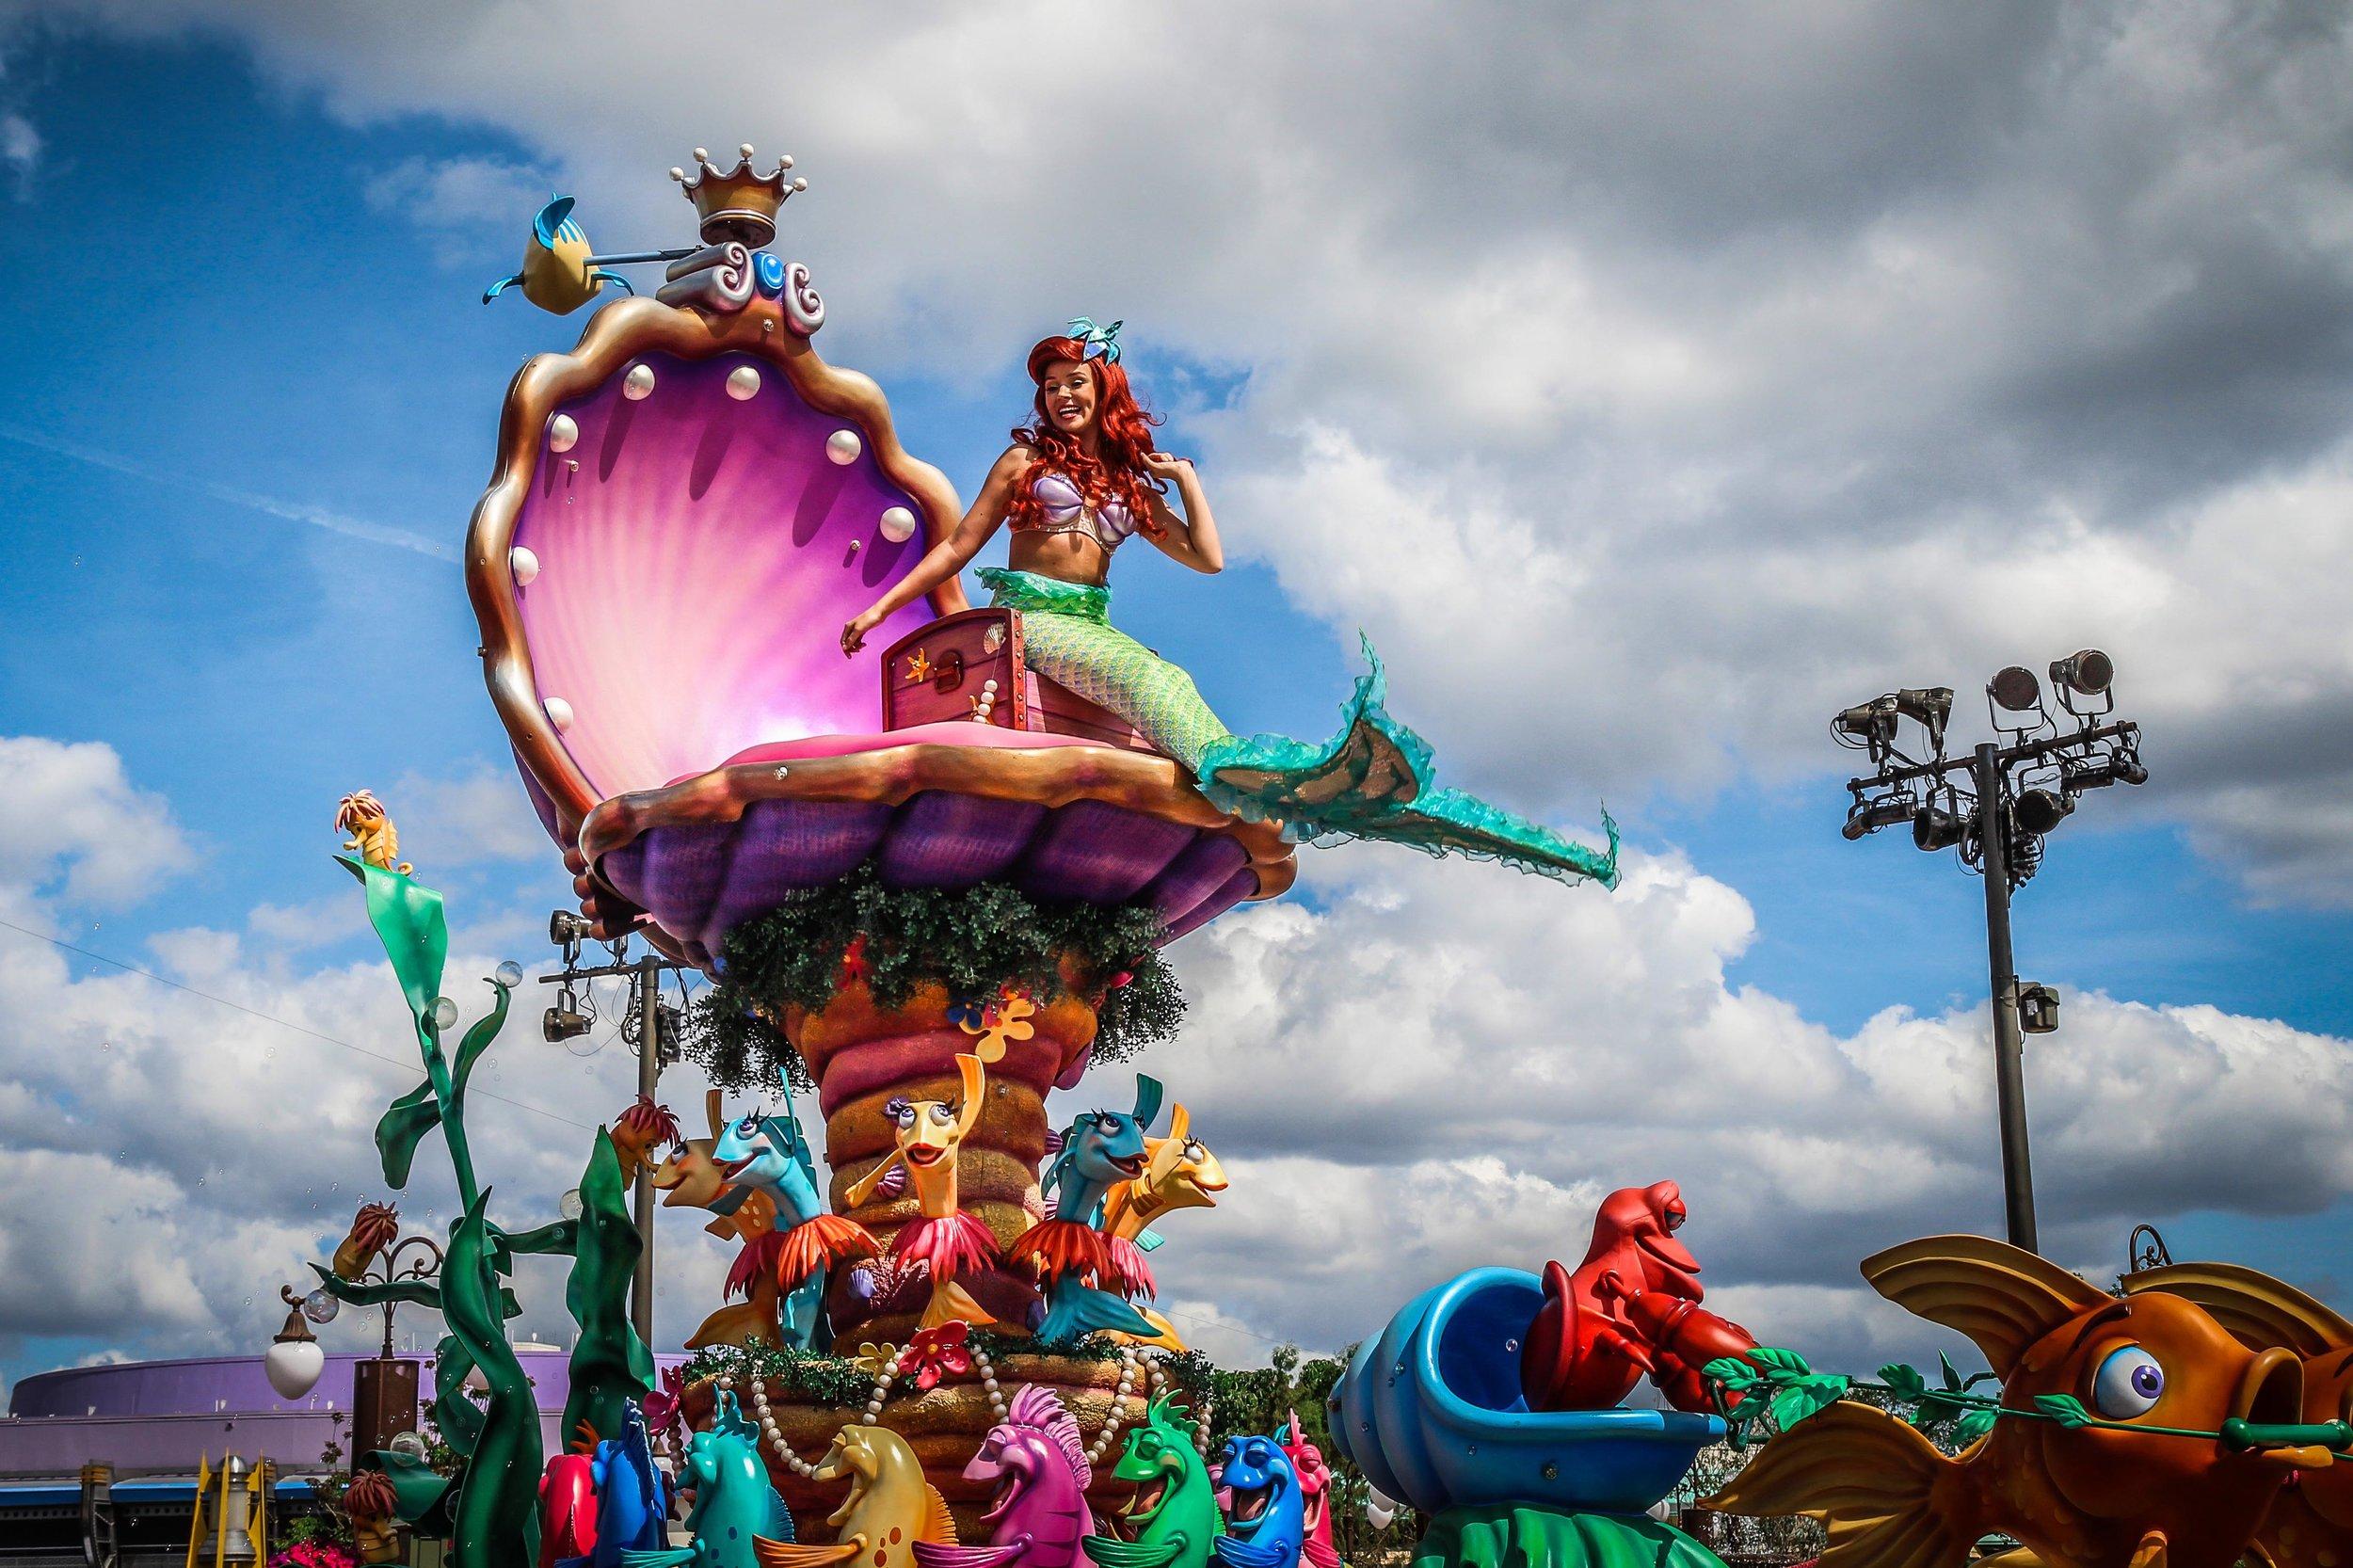 Disney_magical_kingdom_orlando_reizen_met_kinderen-33.jpg